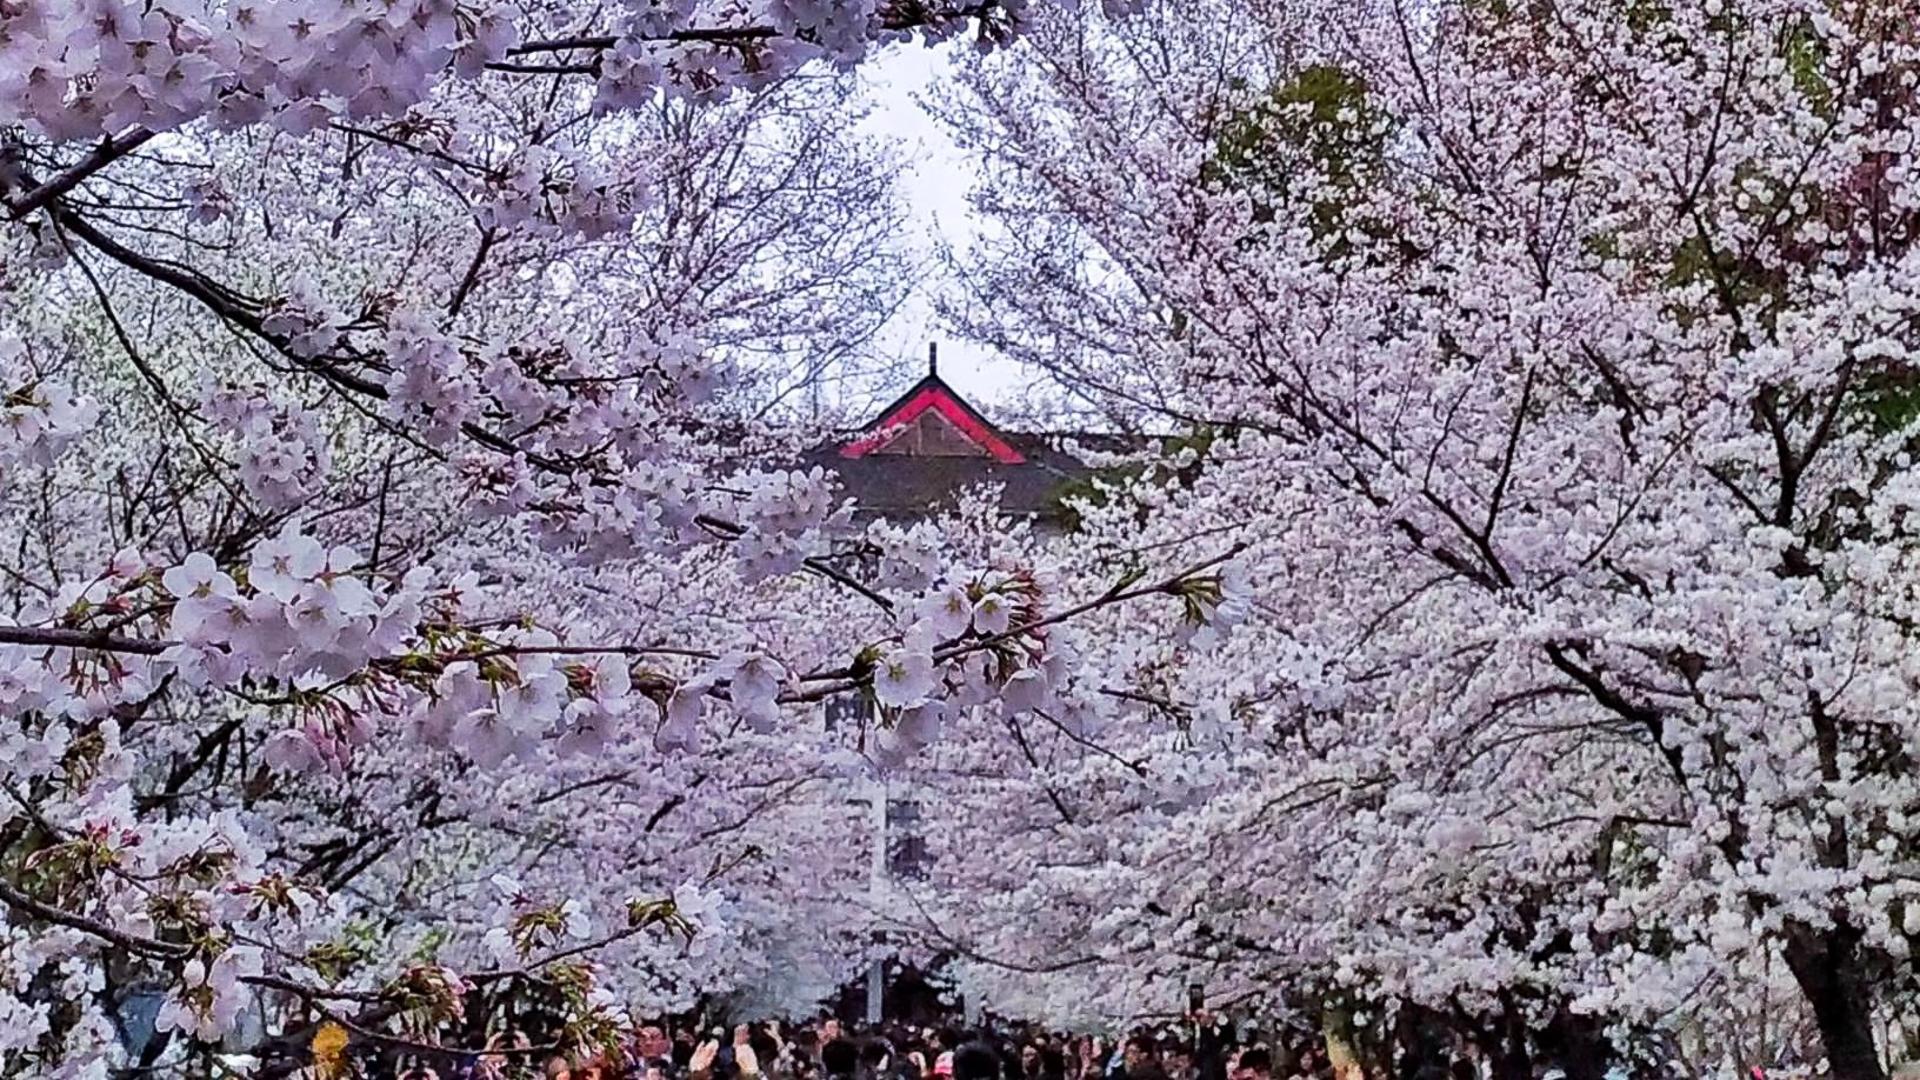 这里才是南京最美的樱花林,比鸡鸣寺更美更清净